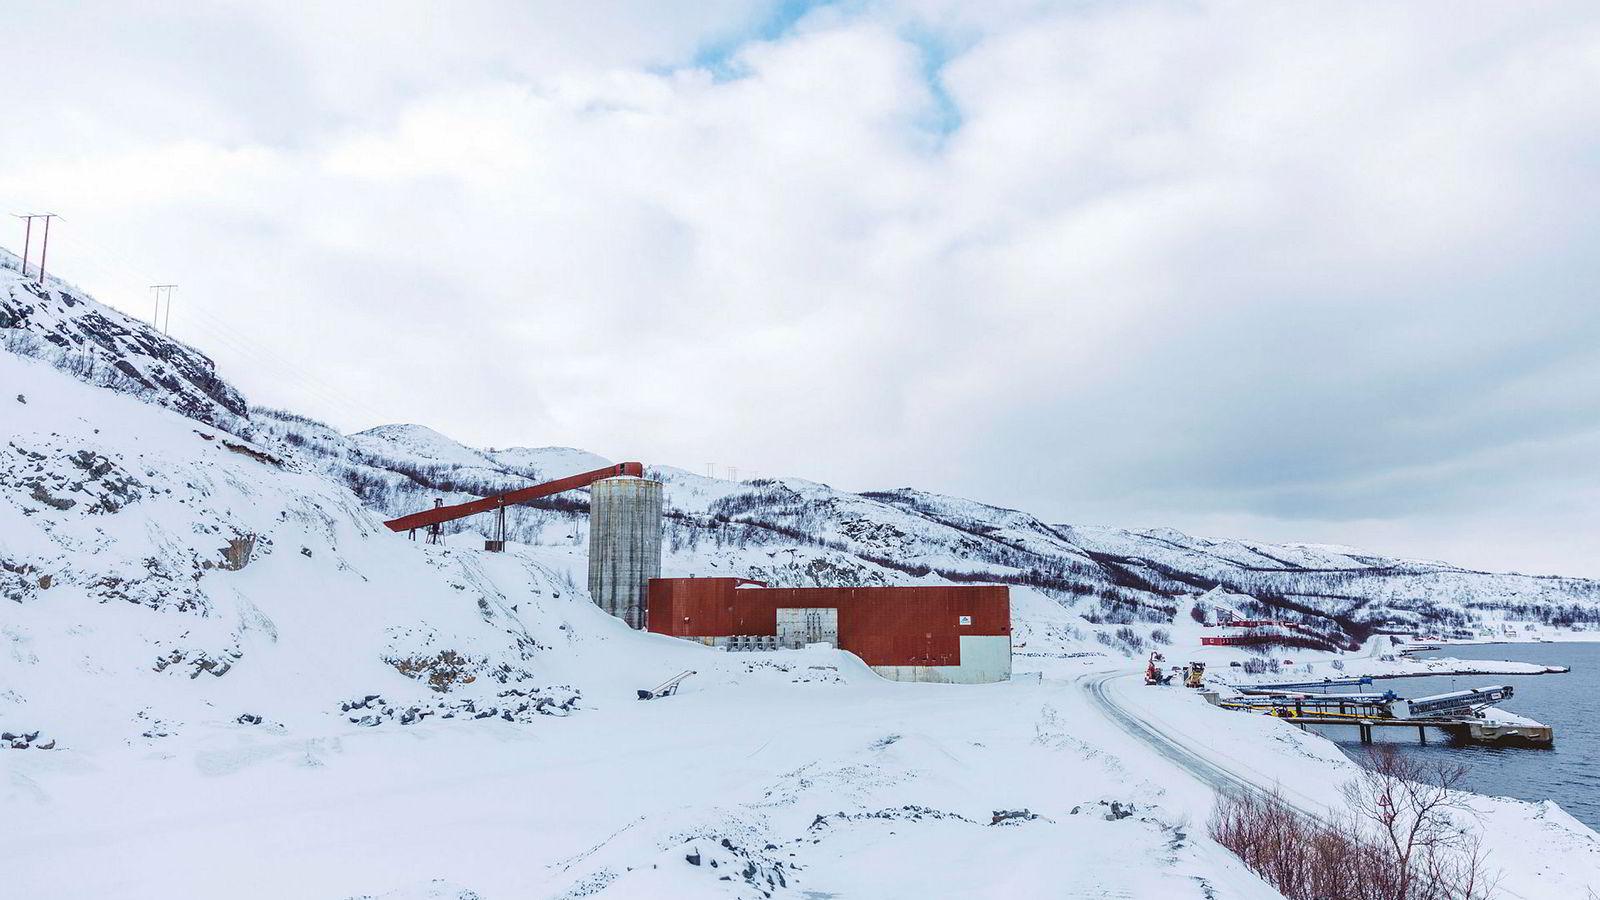 Selskapet Nussir asa har fått driftskonsesjon for en kobbergruve ved Repparfjorden i Finnmark.